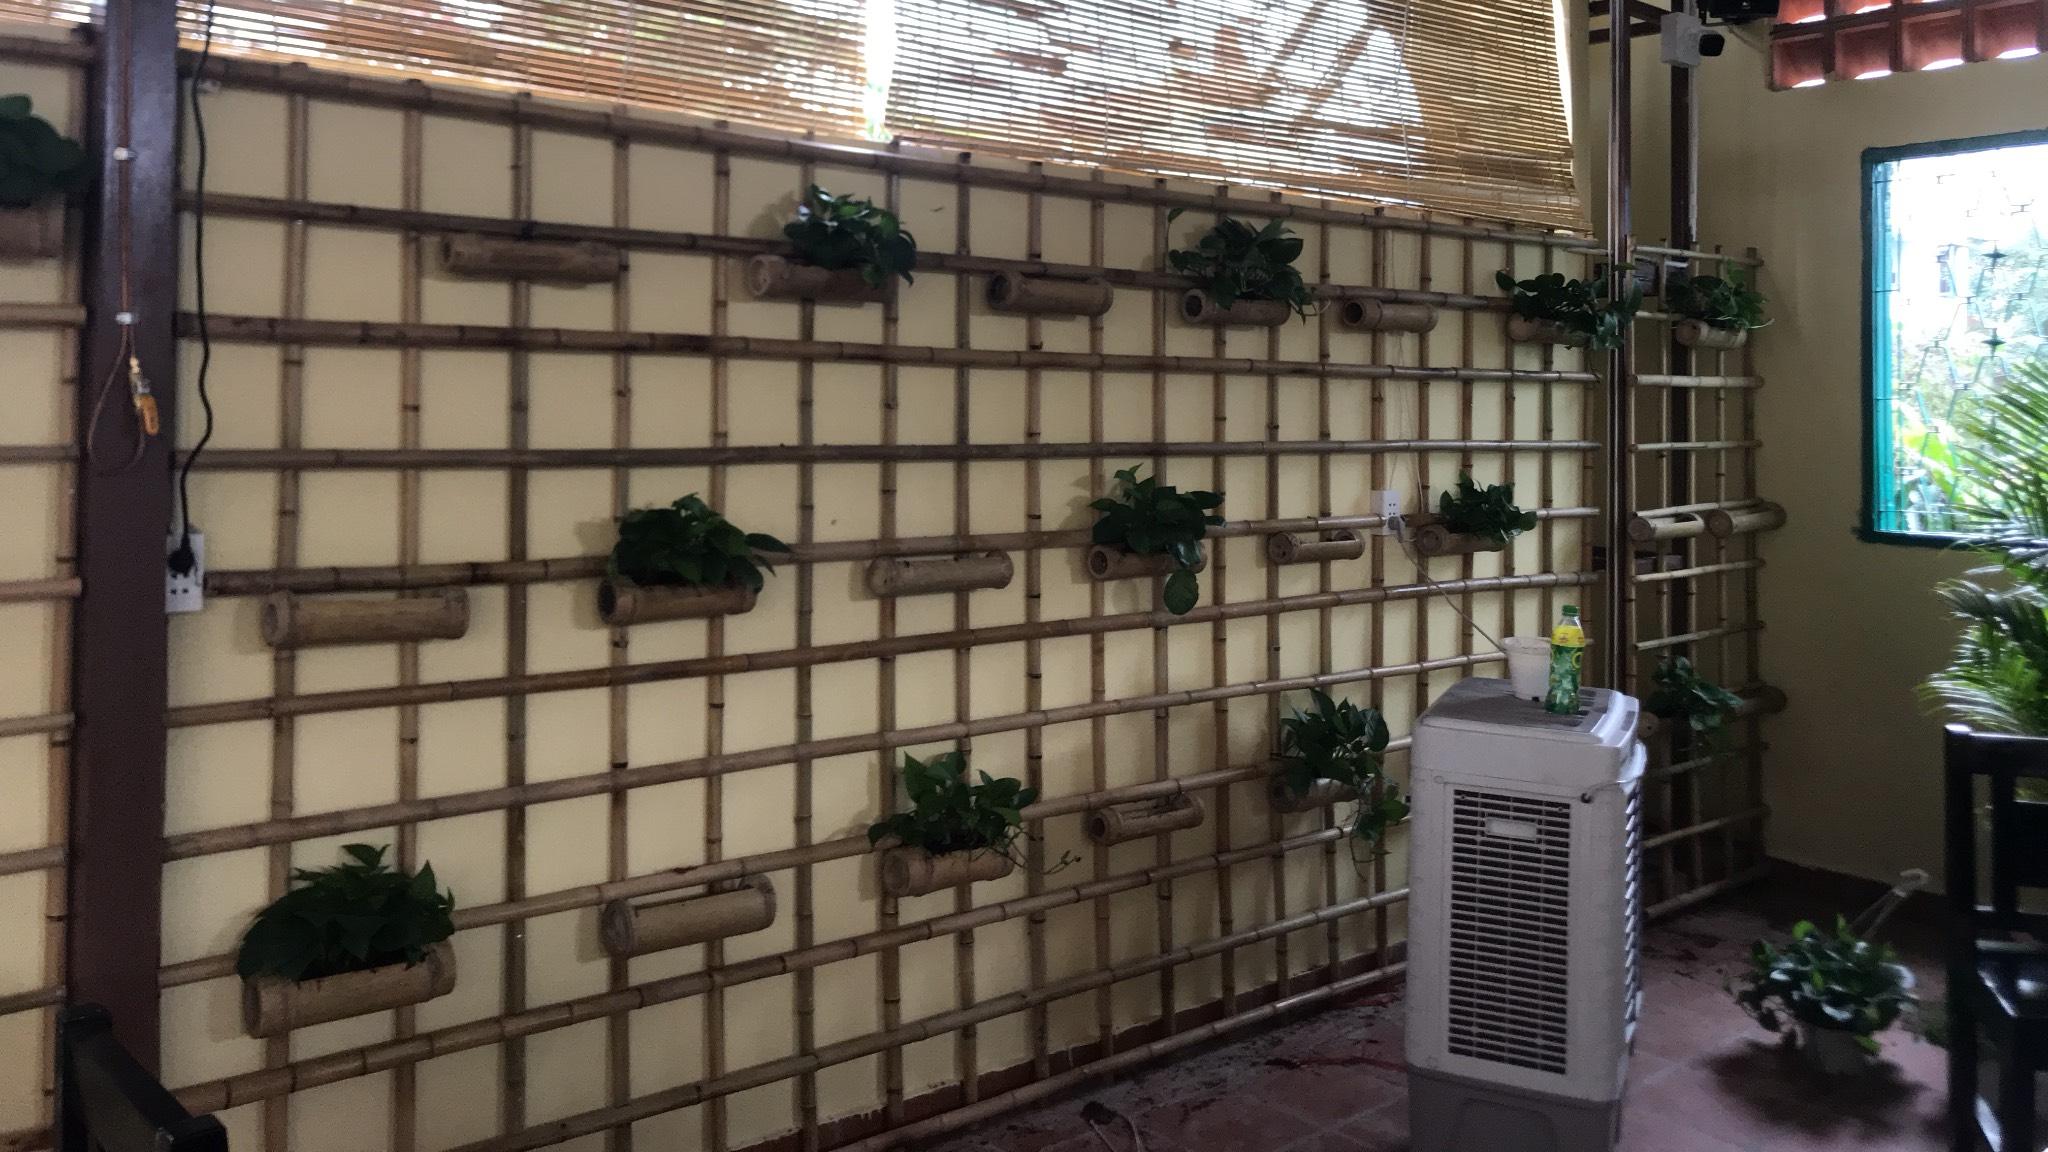 Trang trí tre trúc cho hệ thống nhà hàng Quê Nhà